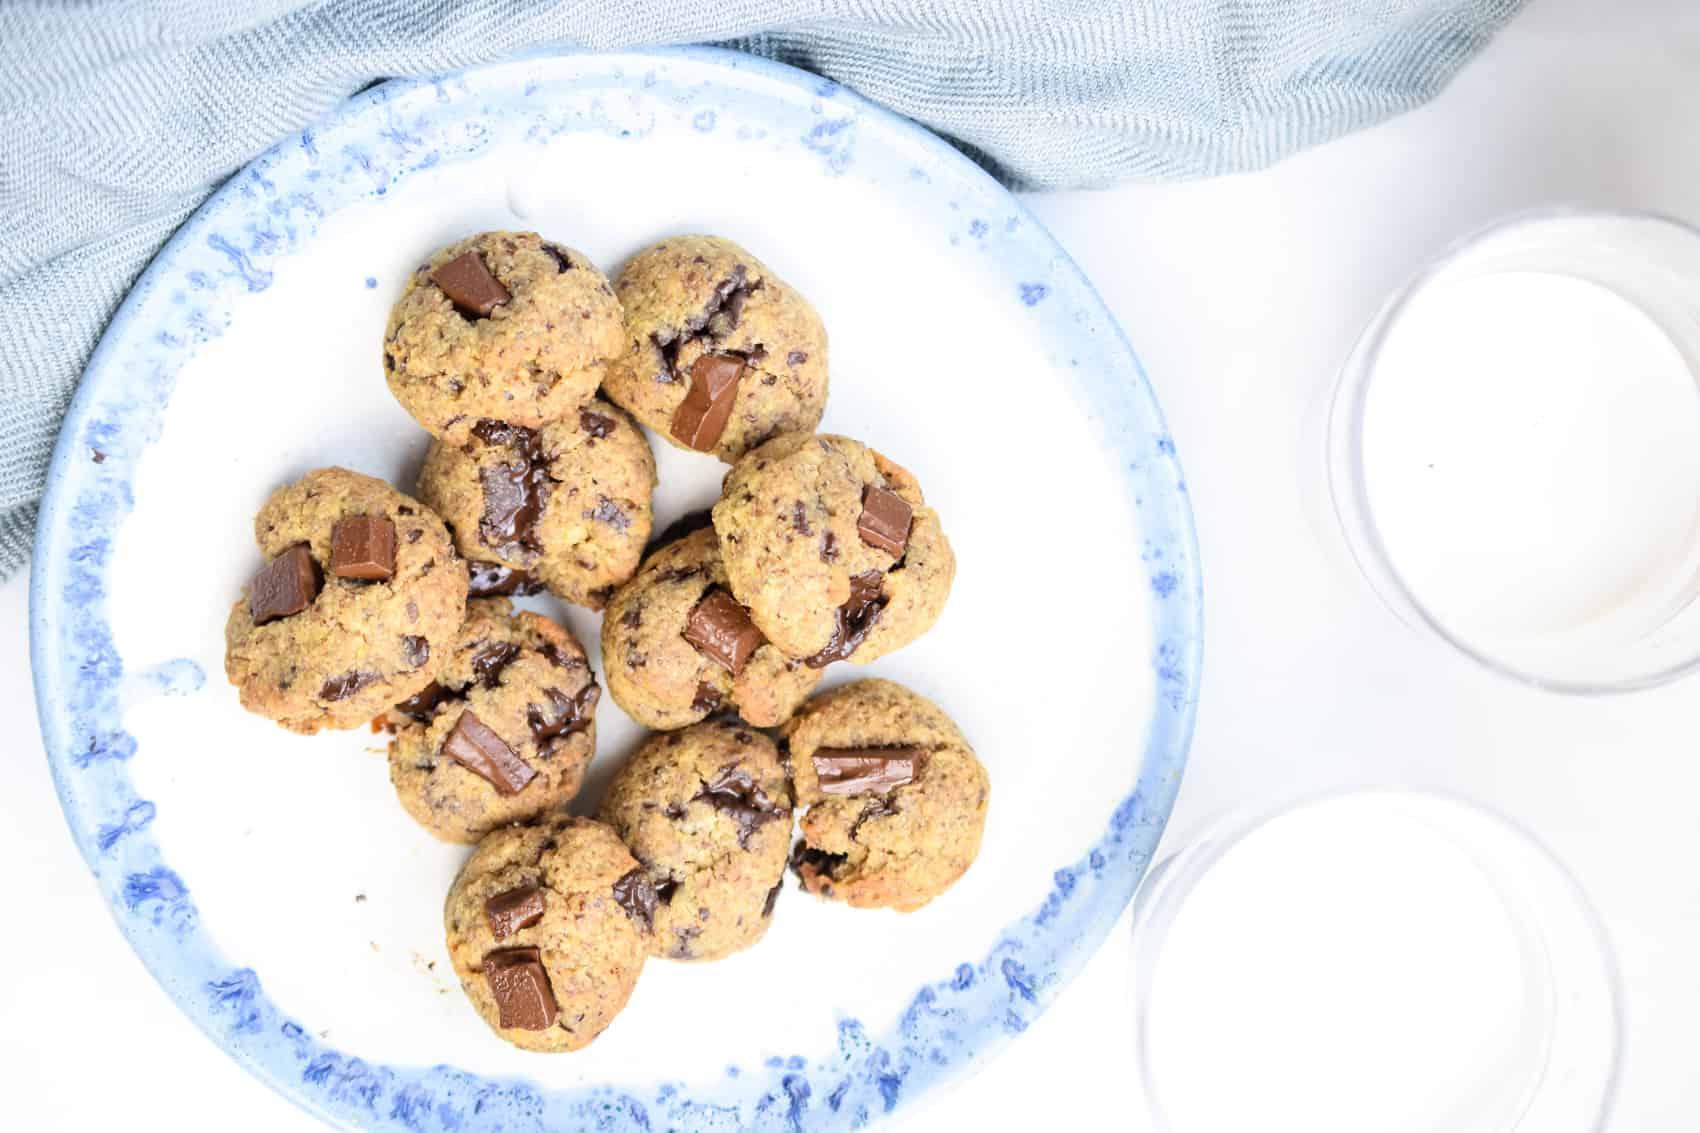 Egg Free Tahini Chocolate Chip Cookies (Keto, Dairy Free